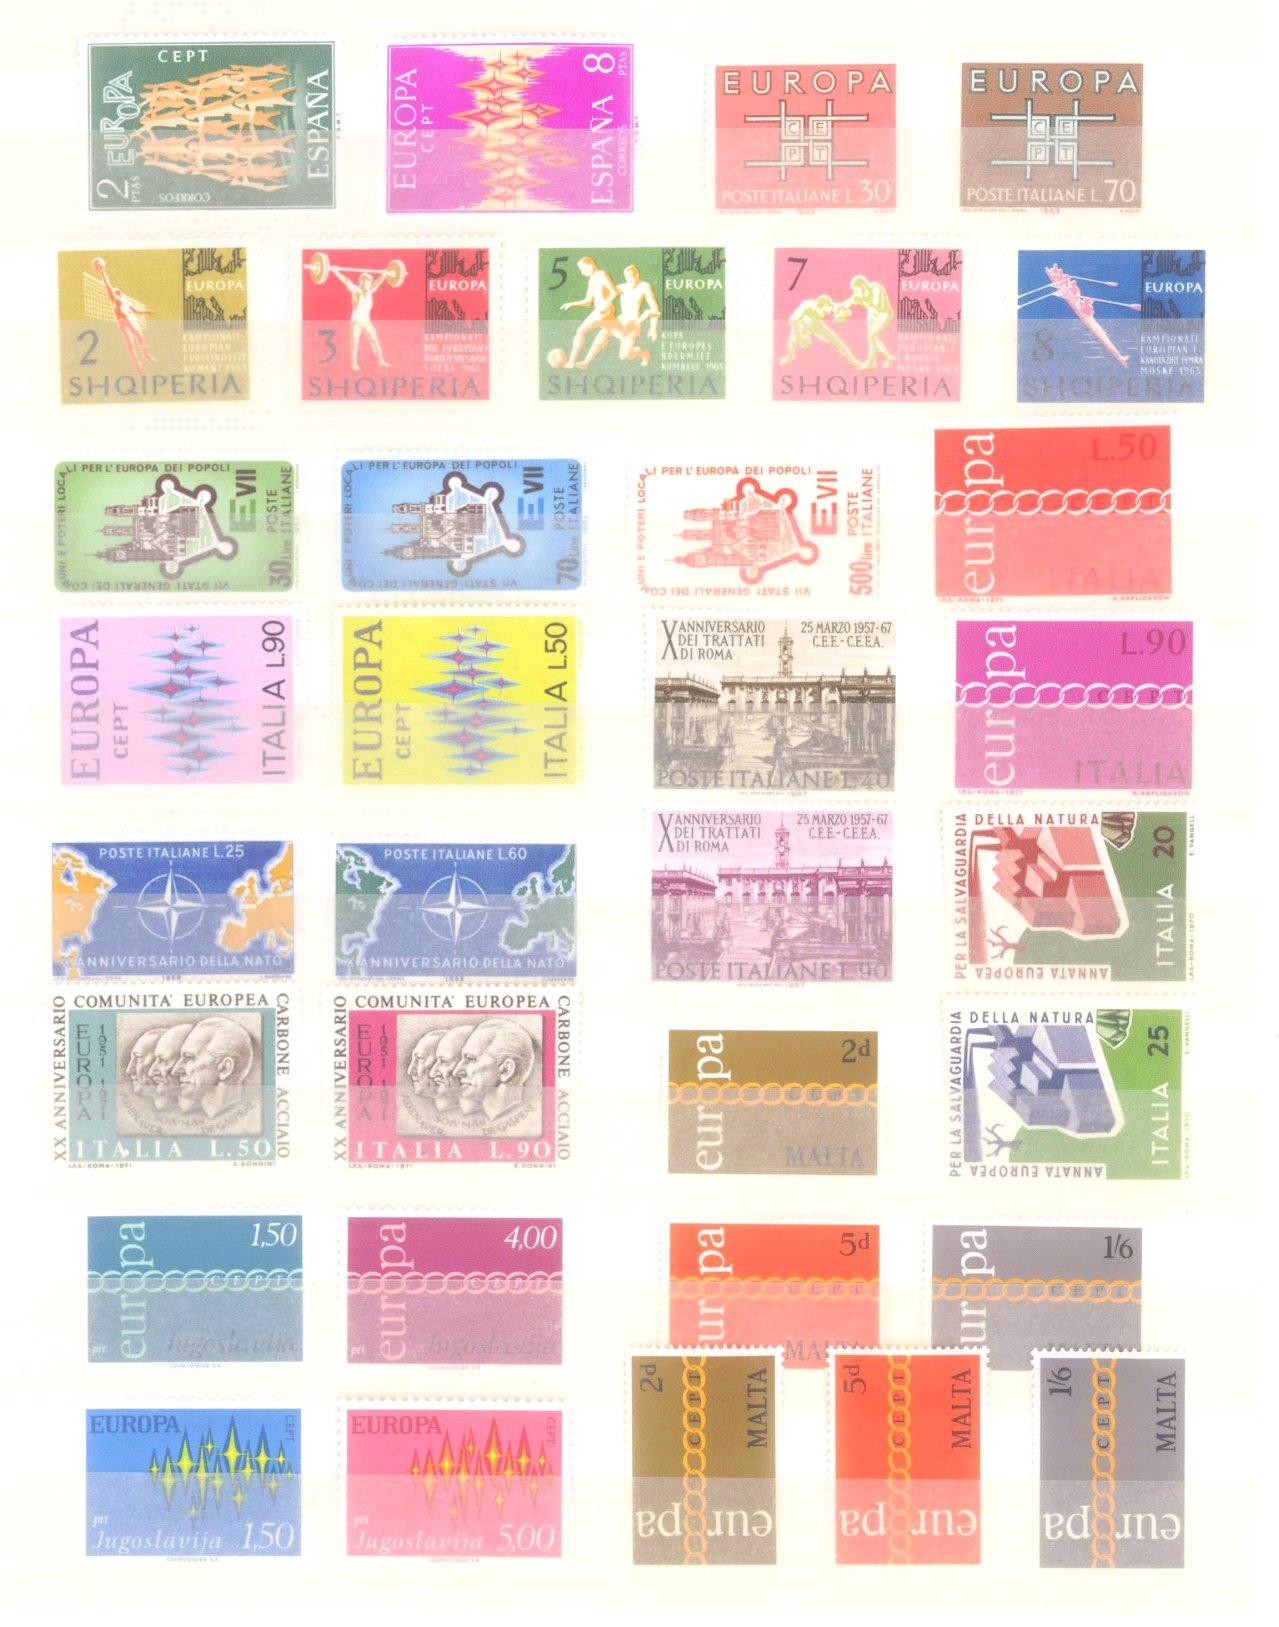 EURROPA CEPT mit SPANISCH – ANDORRA 1972-8